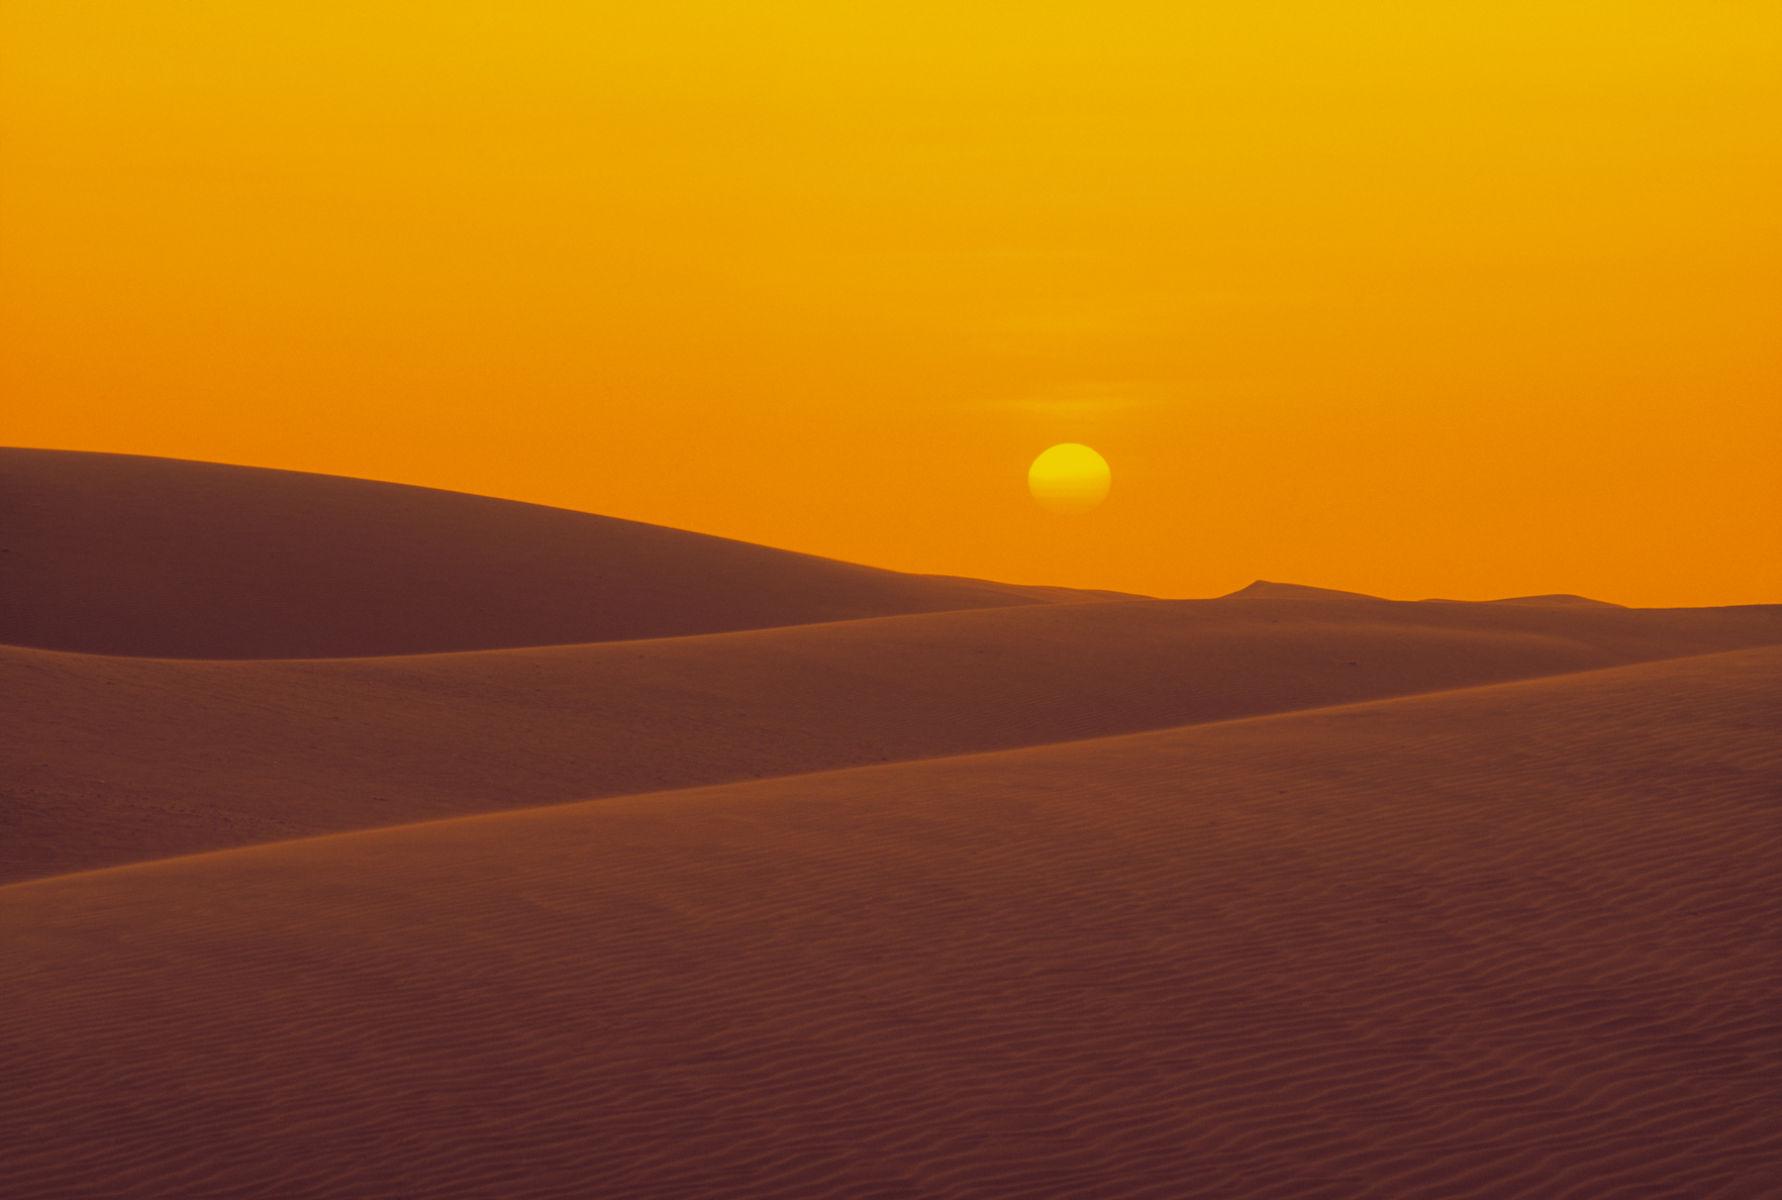 Dunes of Coro desert, Falcón, Venezuela